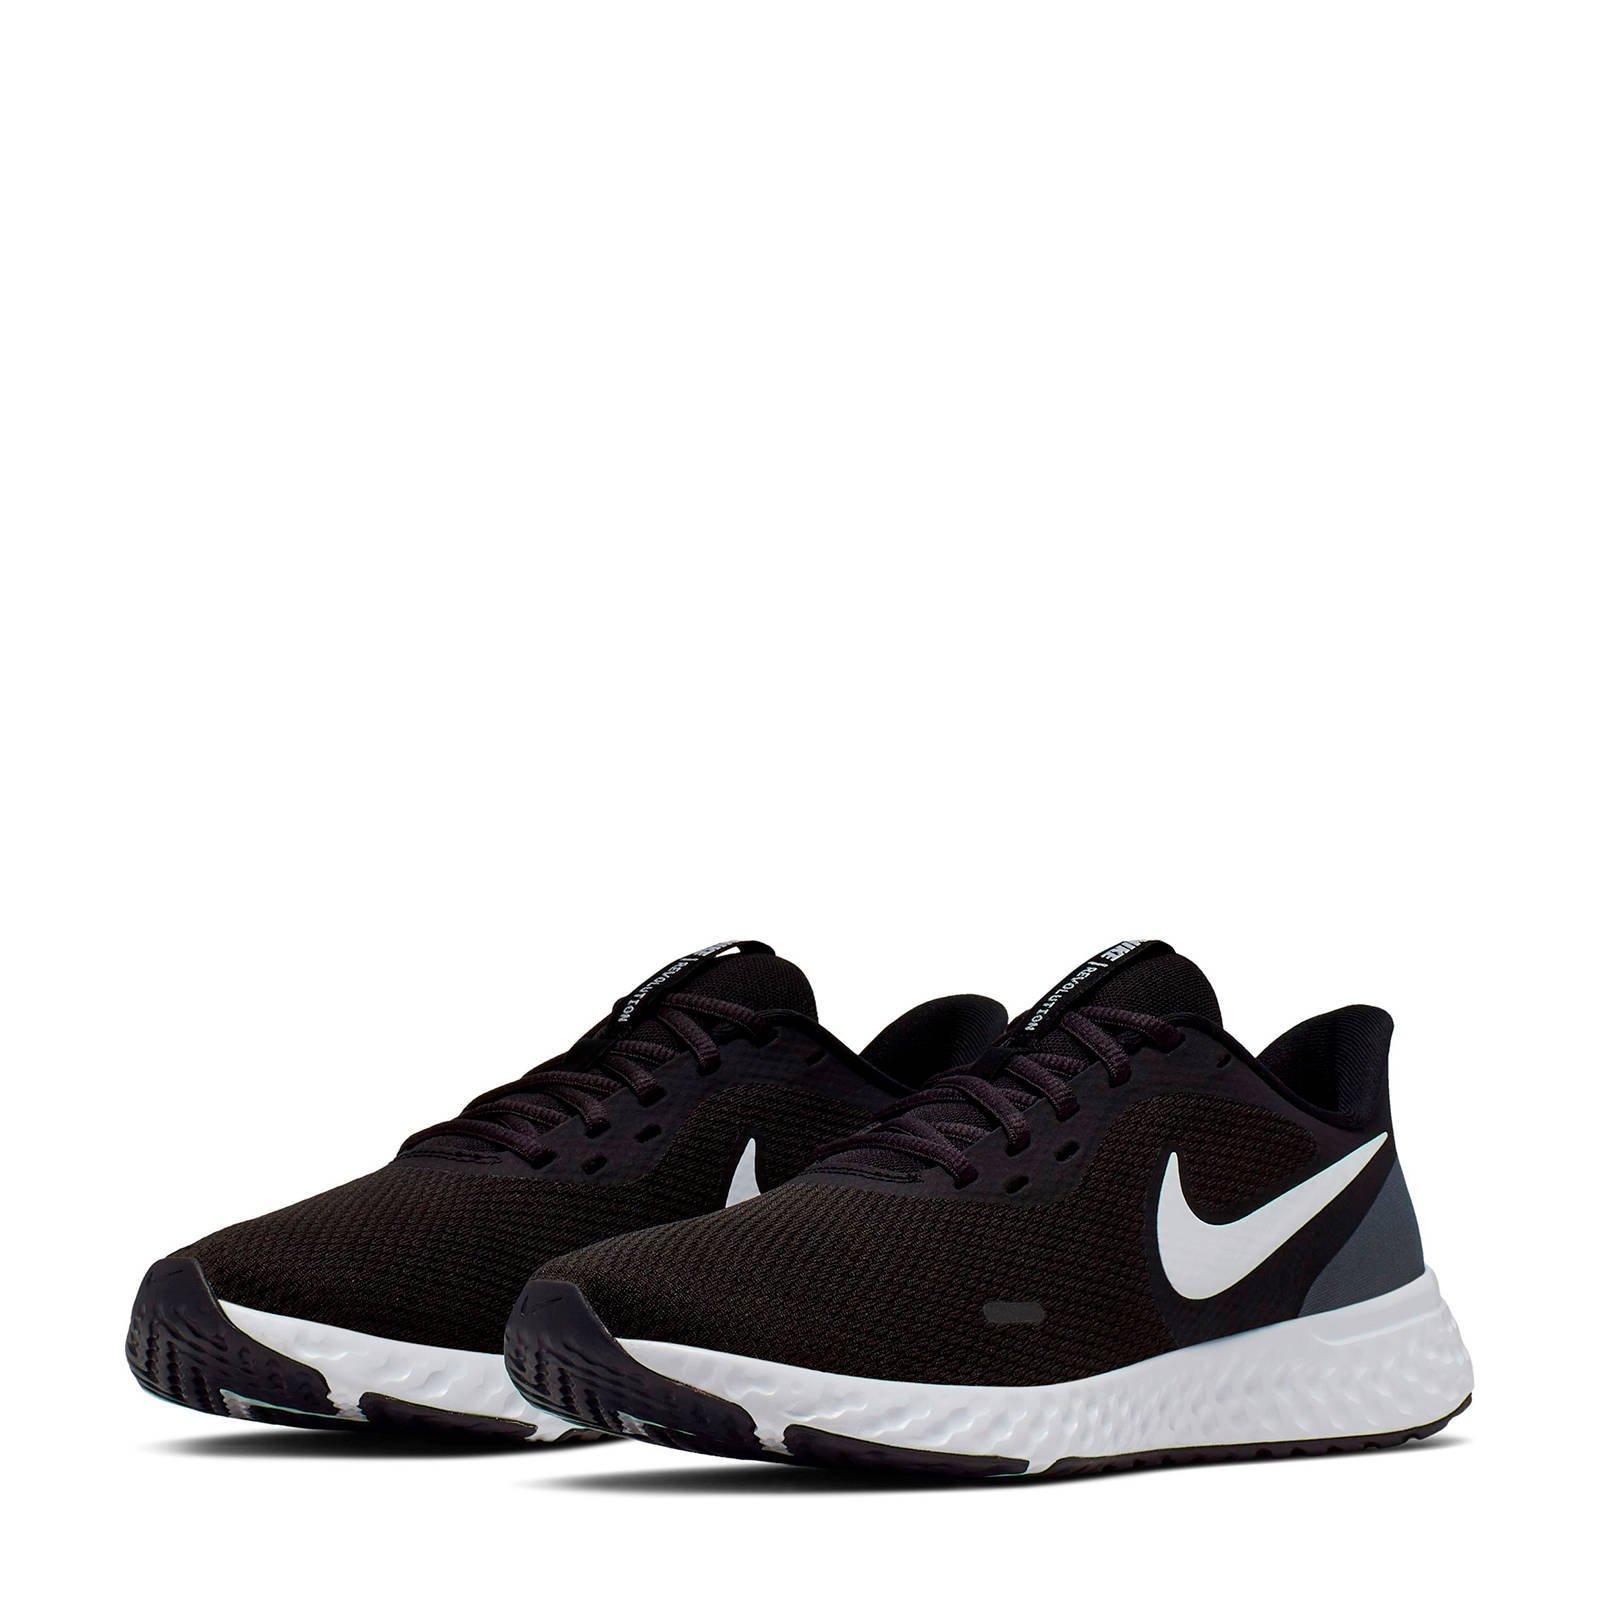 Nike Revolution 5 hardloopschoenen zwartwit   wehkamp